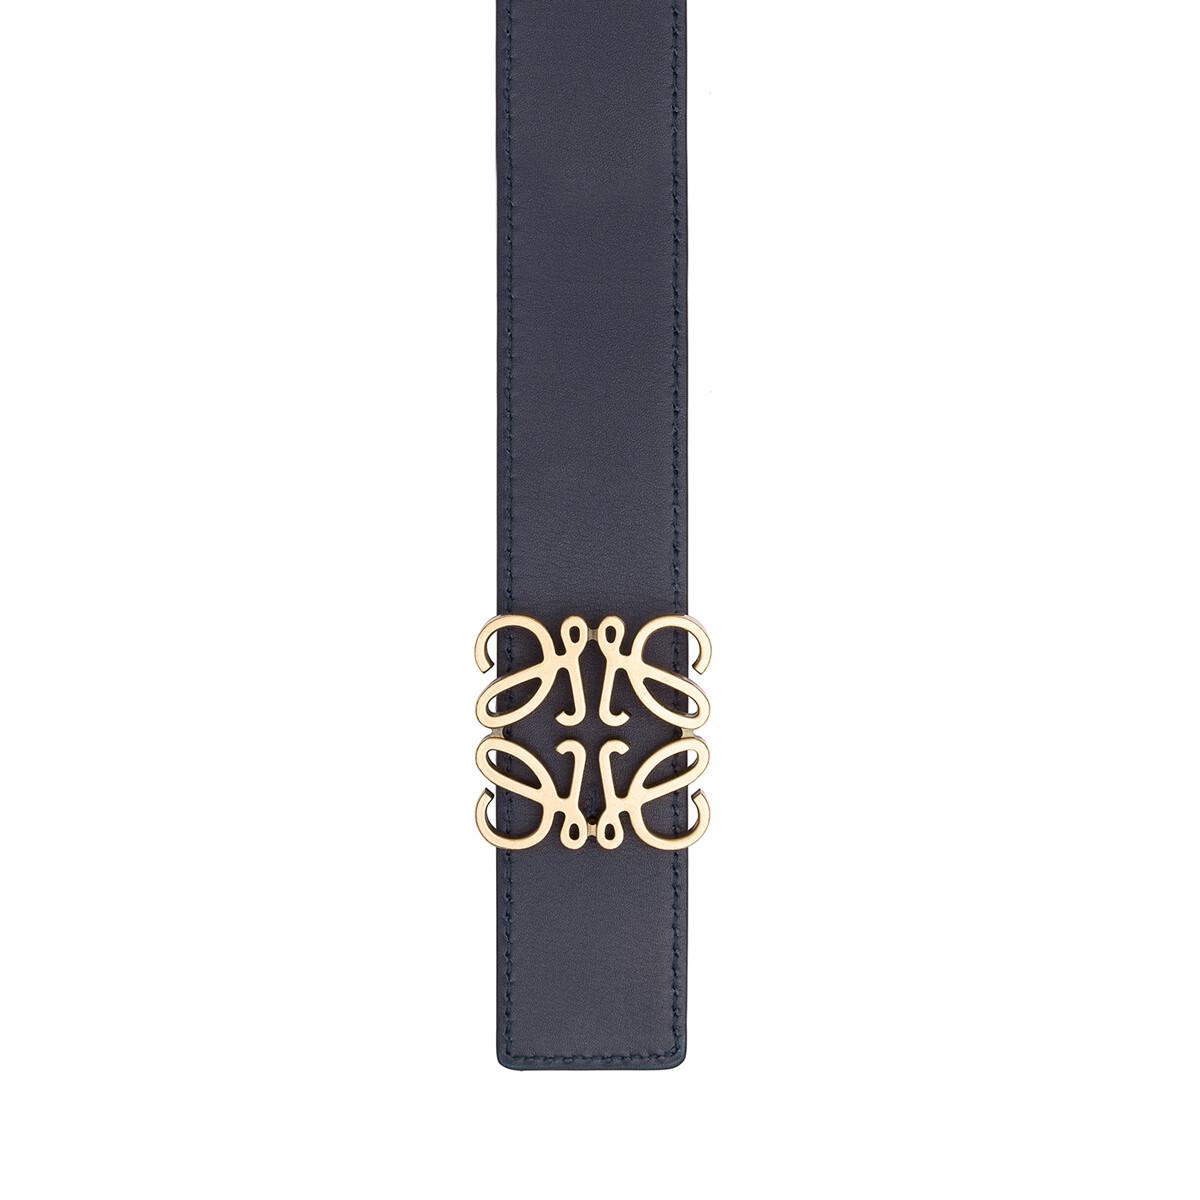 LOEWE Anagram Belt 4 Cm Black/Navy/Old Gold front